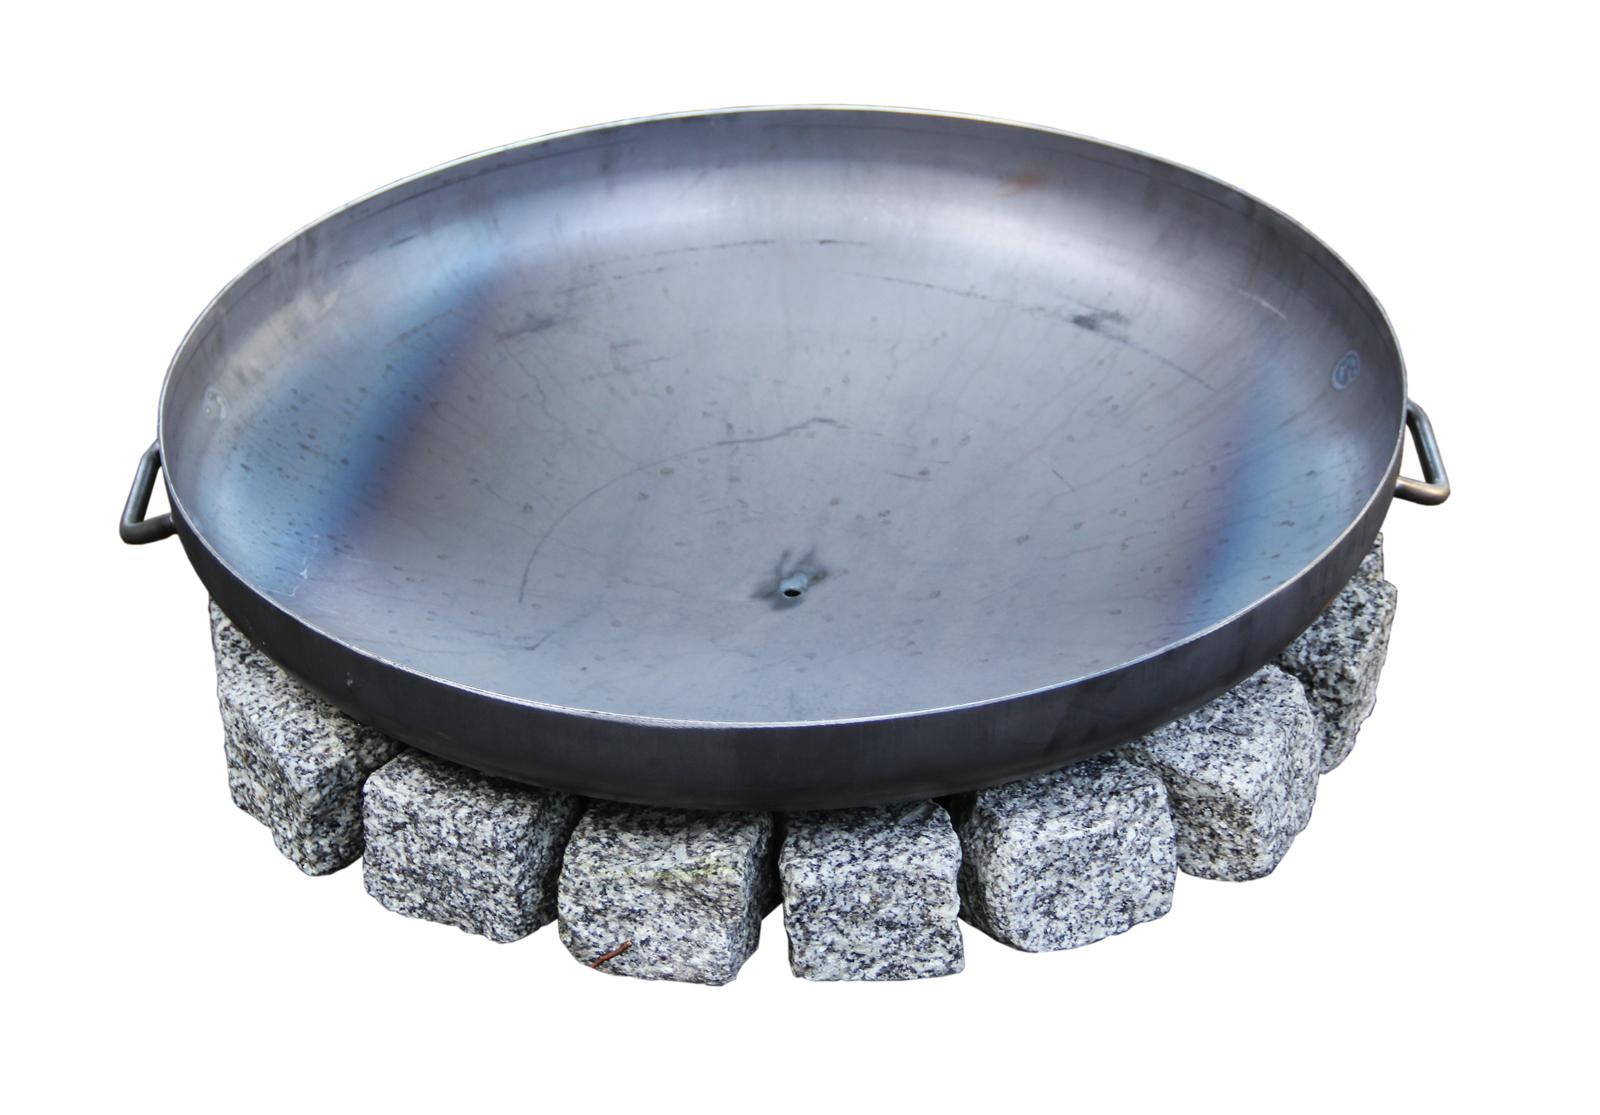 Ondis24 feuerschale grill 80 cm g nstig online kaufen - Grille barbecue 80 cm ...